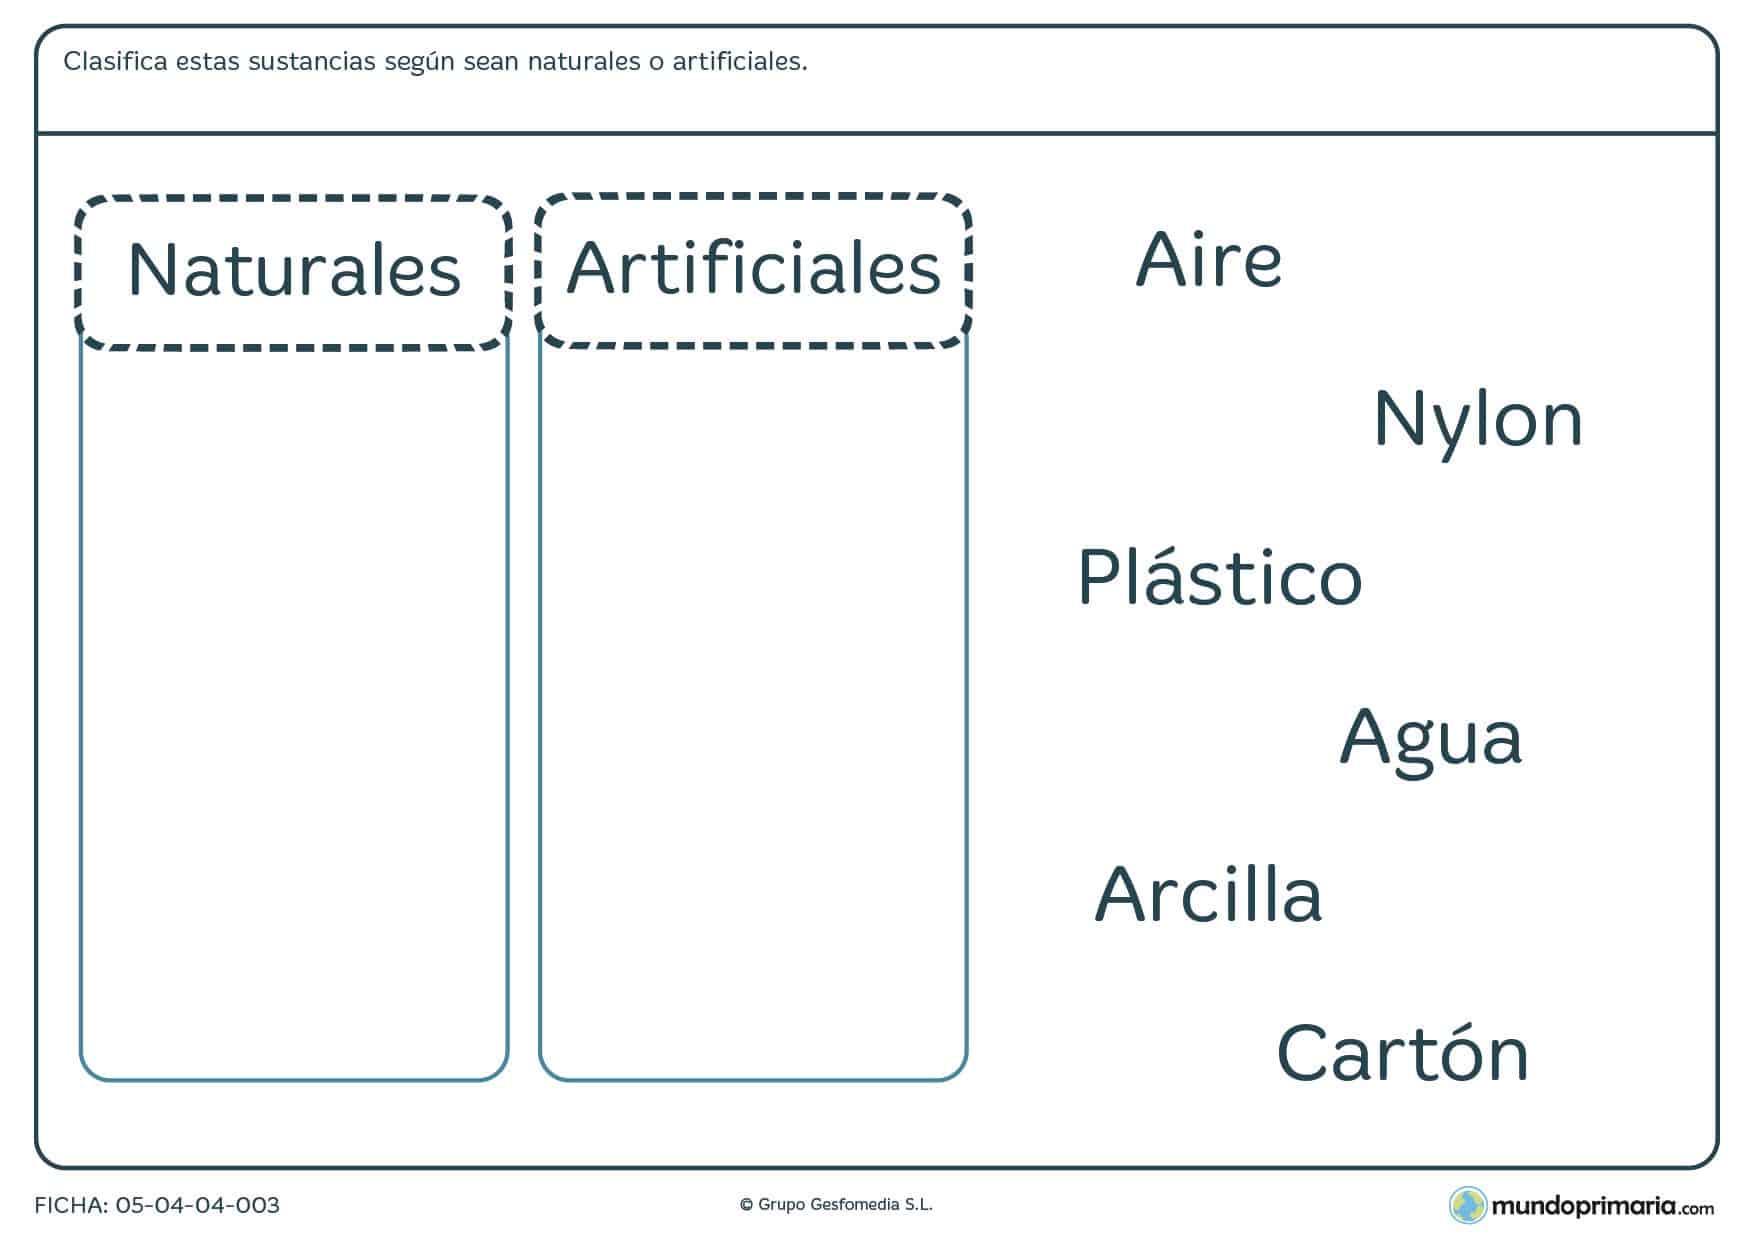 Ficha de tipos de sustancias para clasificar las que te mostramos ya sen naturales o artificiales